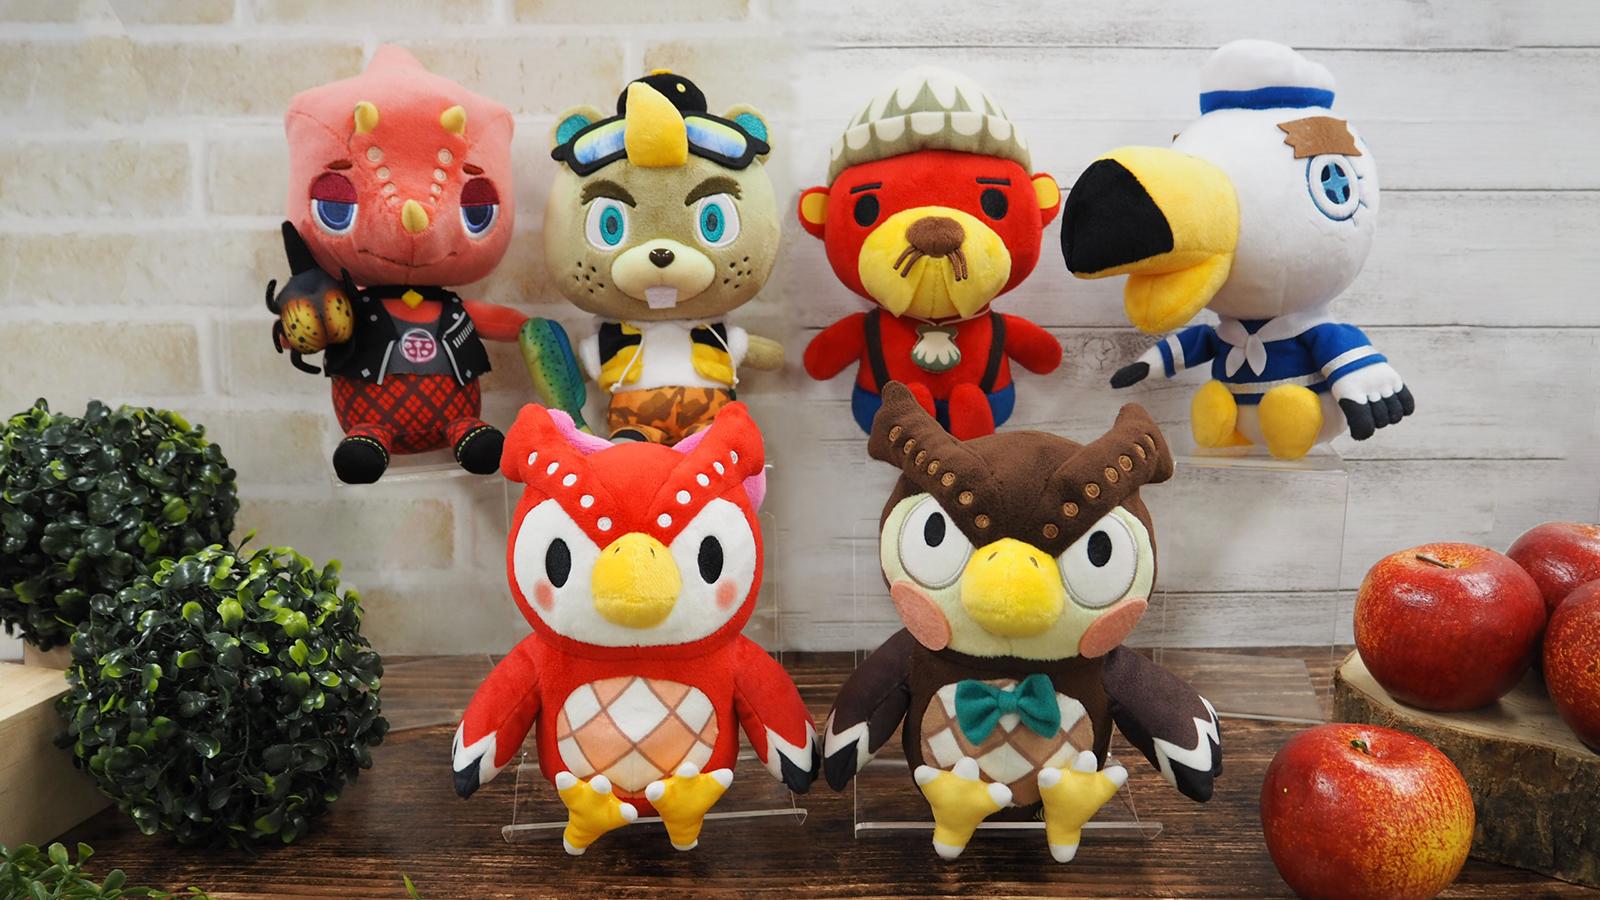 bezaubernd Animal Crossing: New Horizons Plüschtiere erscheinen diesen Sommer, wer braucht einen Bären?